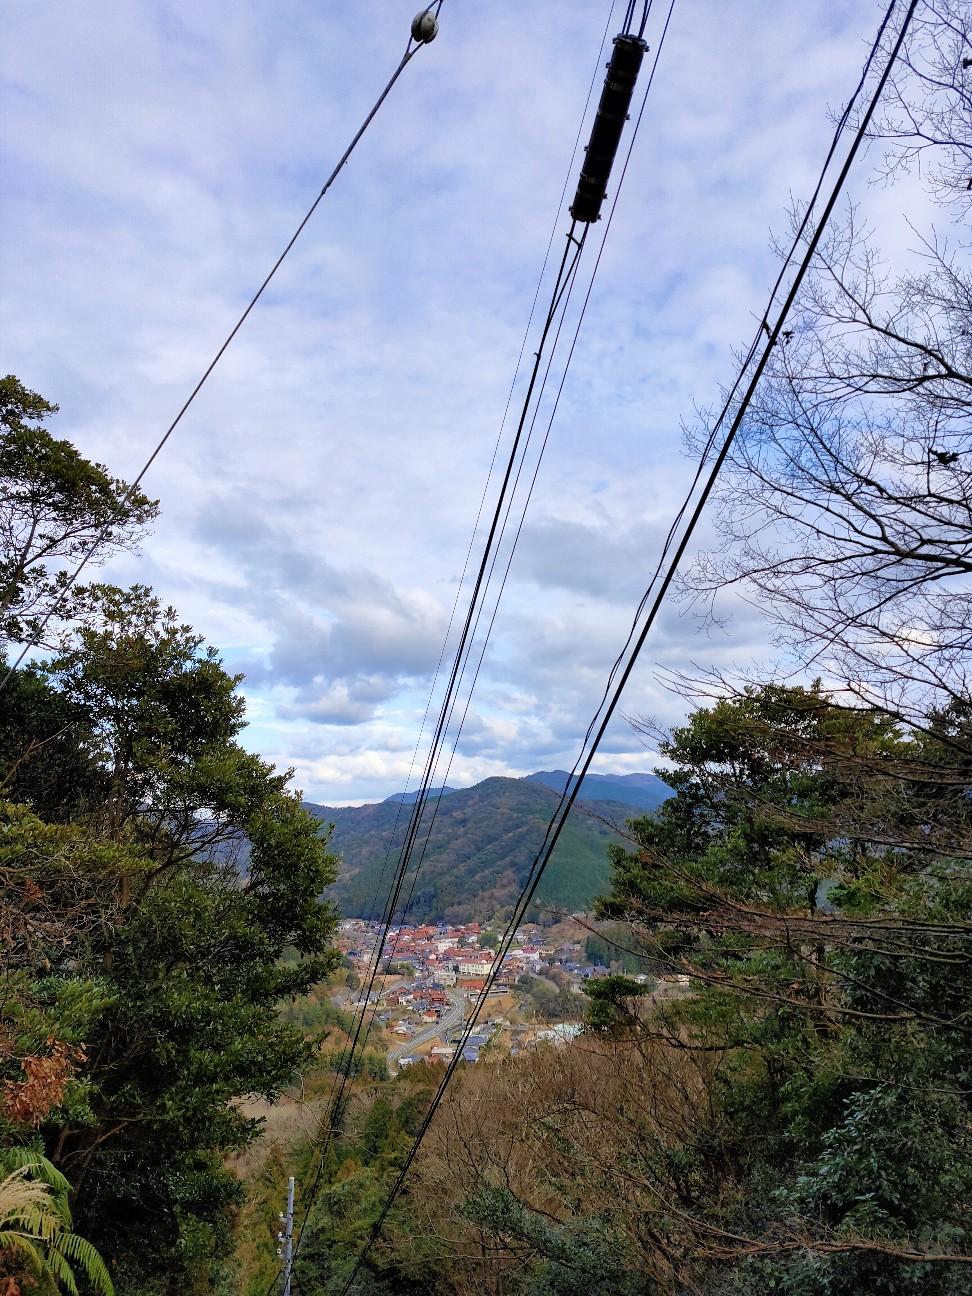 f:id:shingo_shiraishi:20200120213752j:image